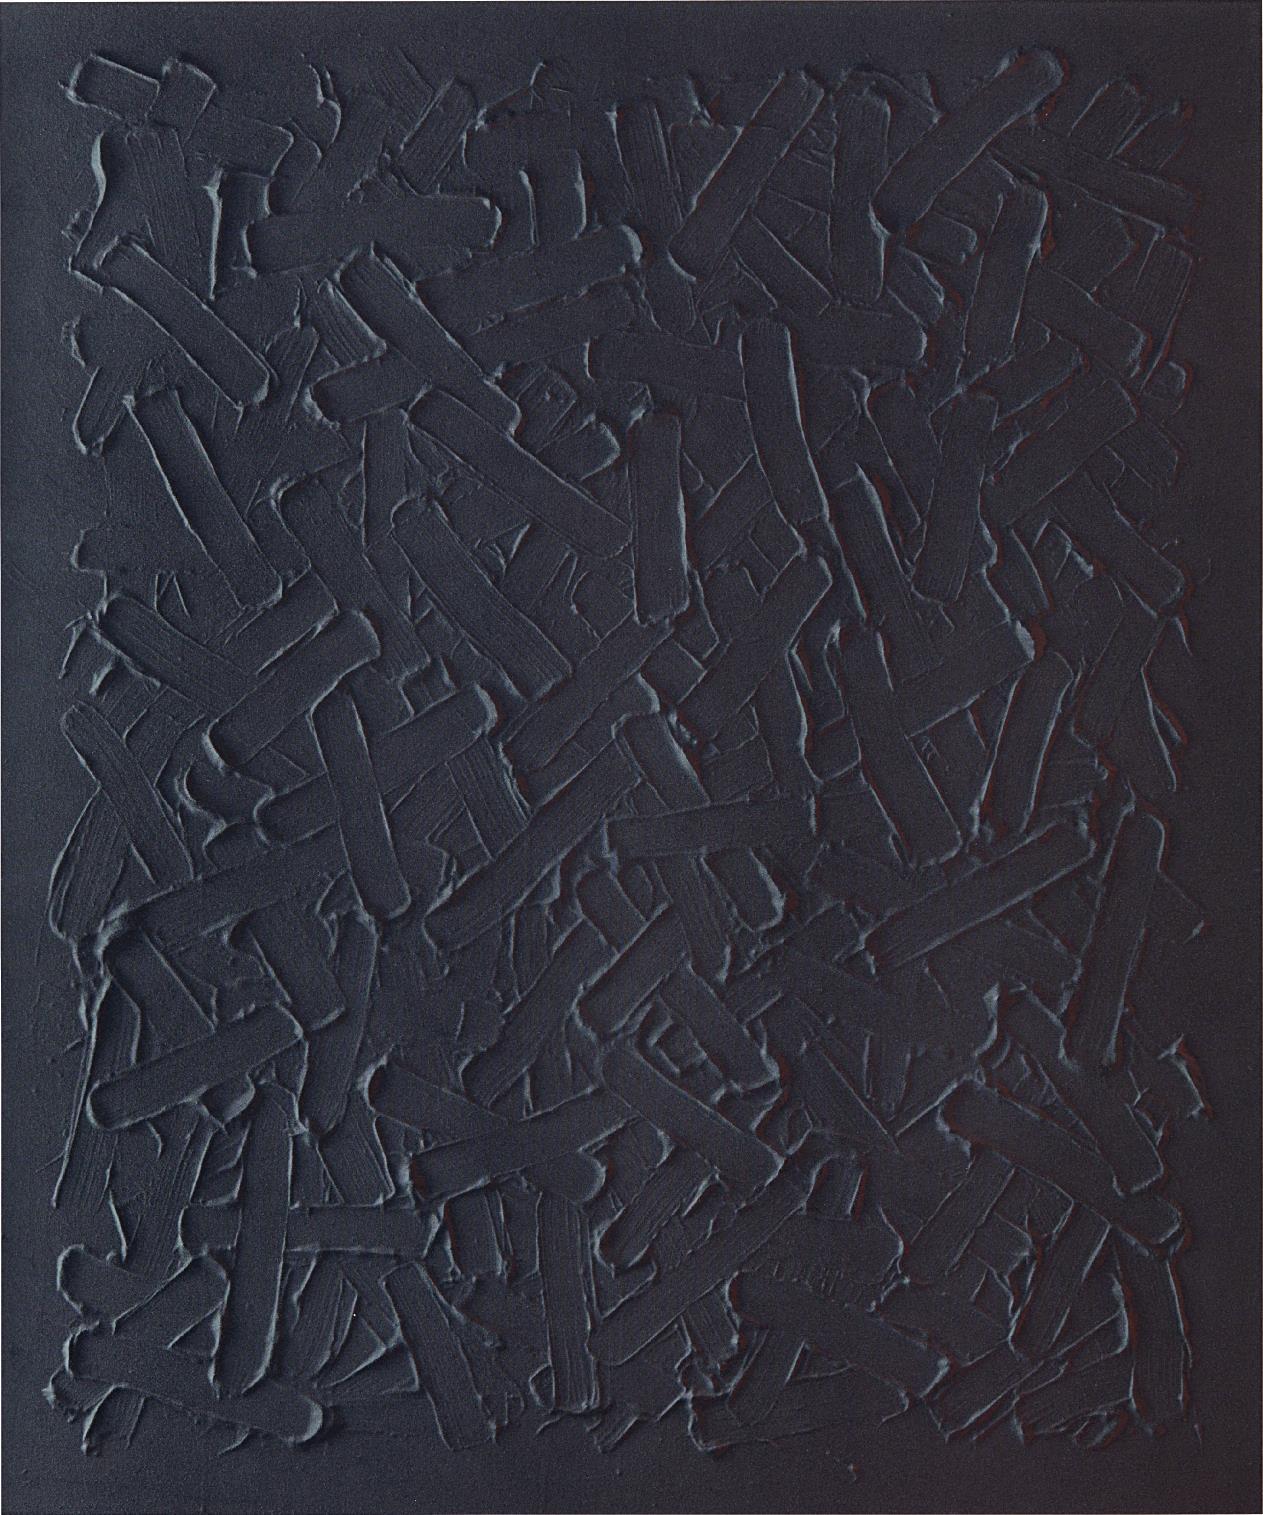 Amir Nikravan-(Painting) L-2014